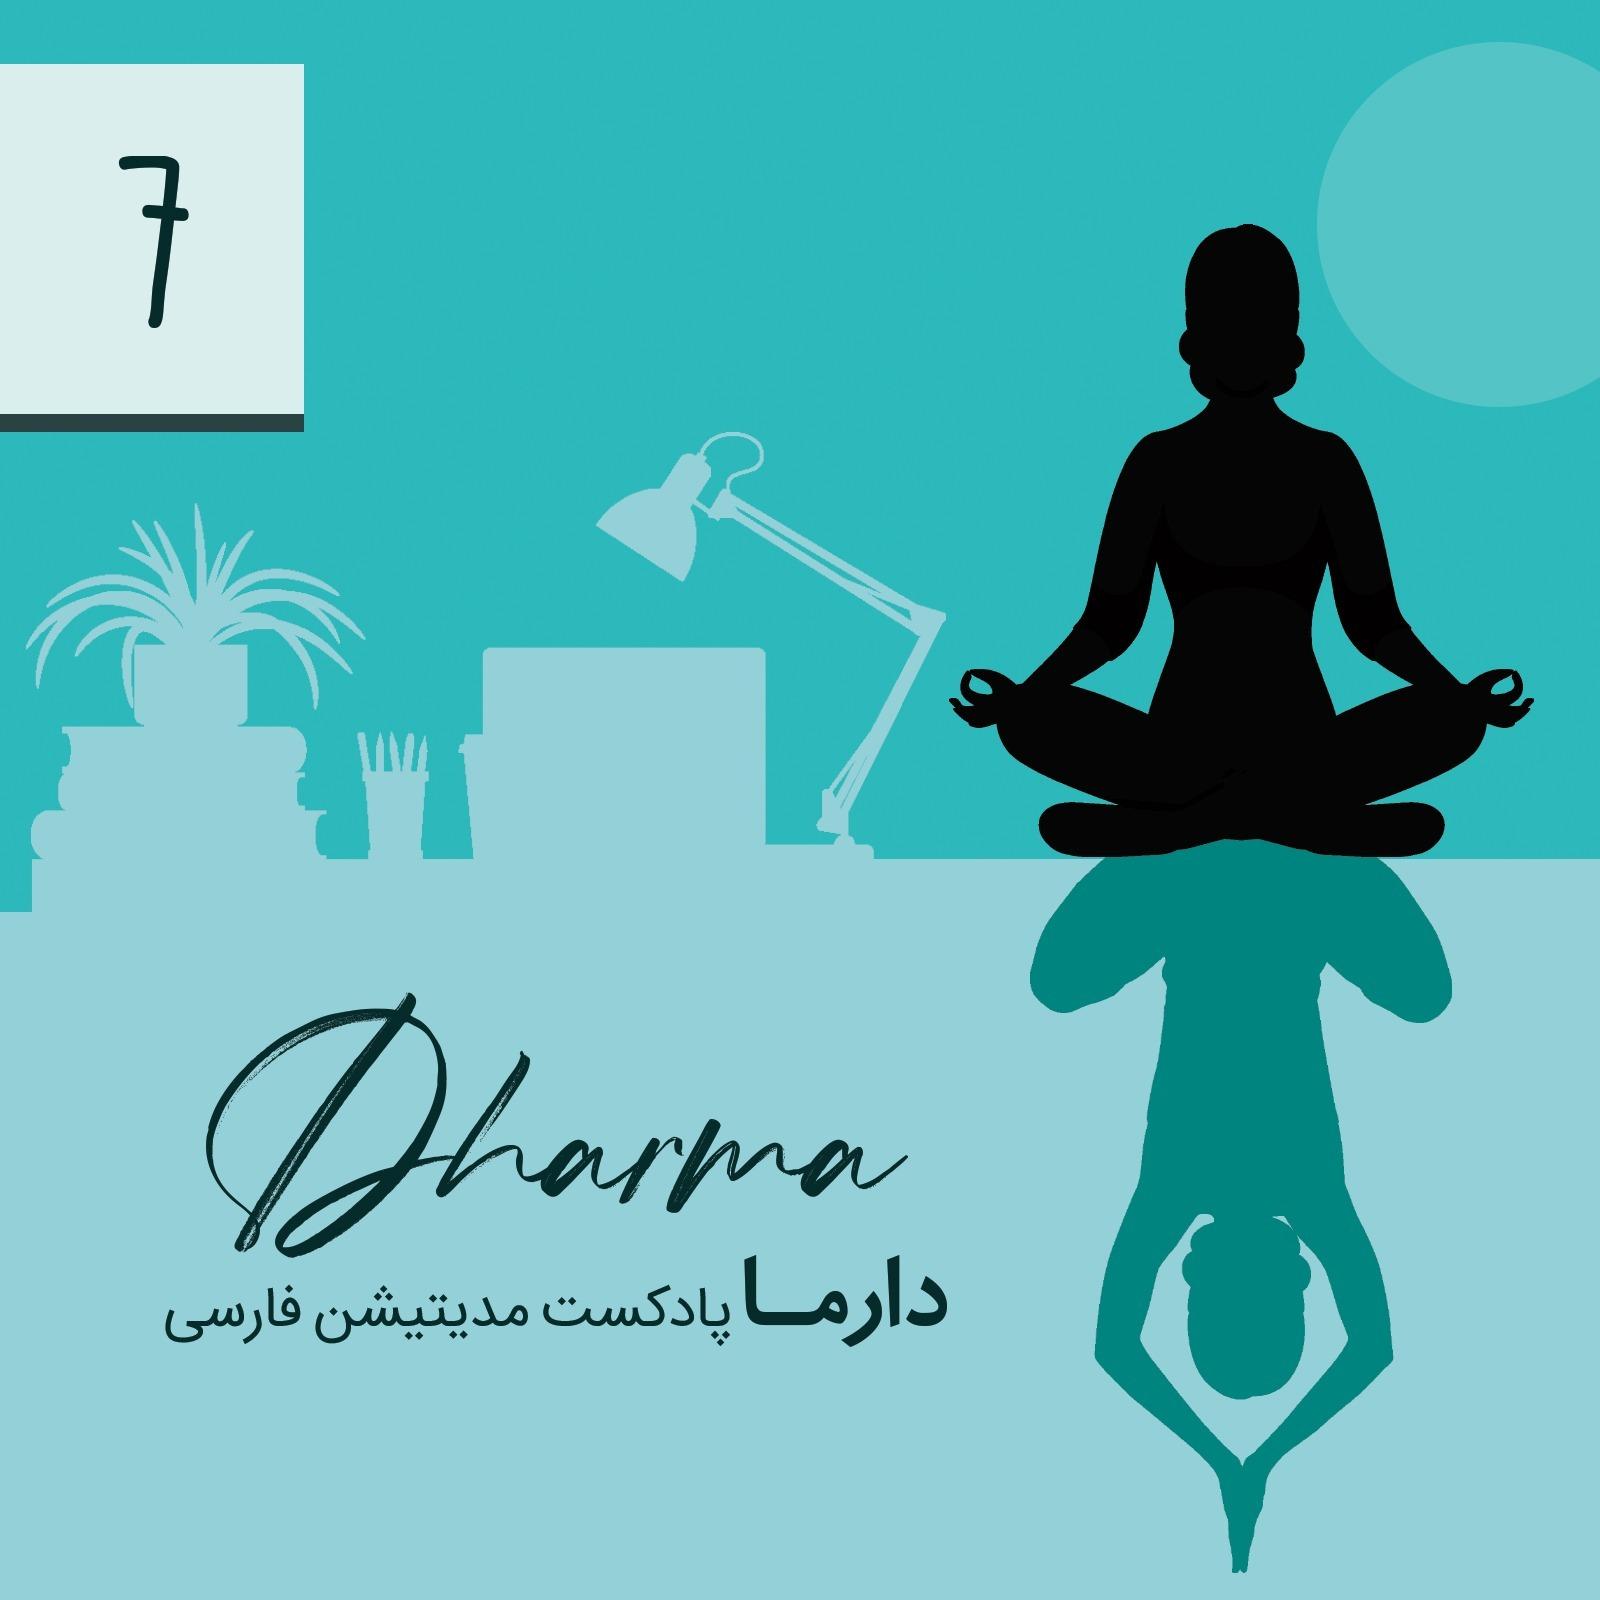 بخش هفتم : افزایش اعتماد به نفس(با صدای فریبا)